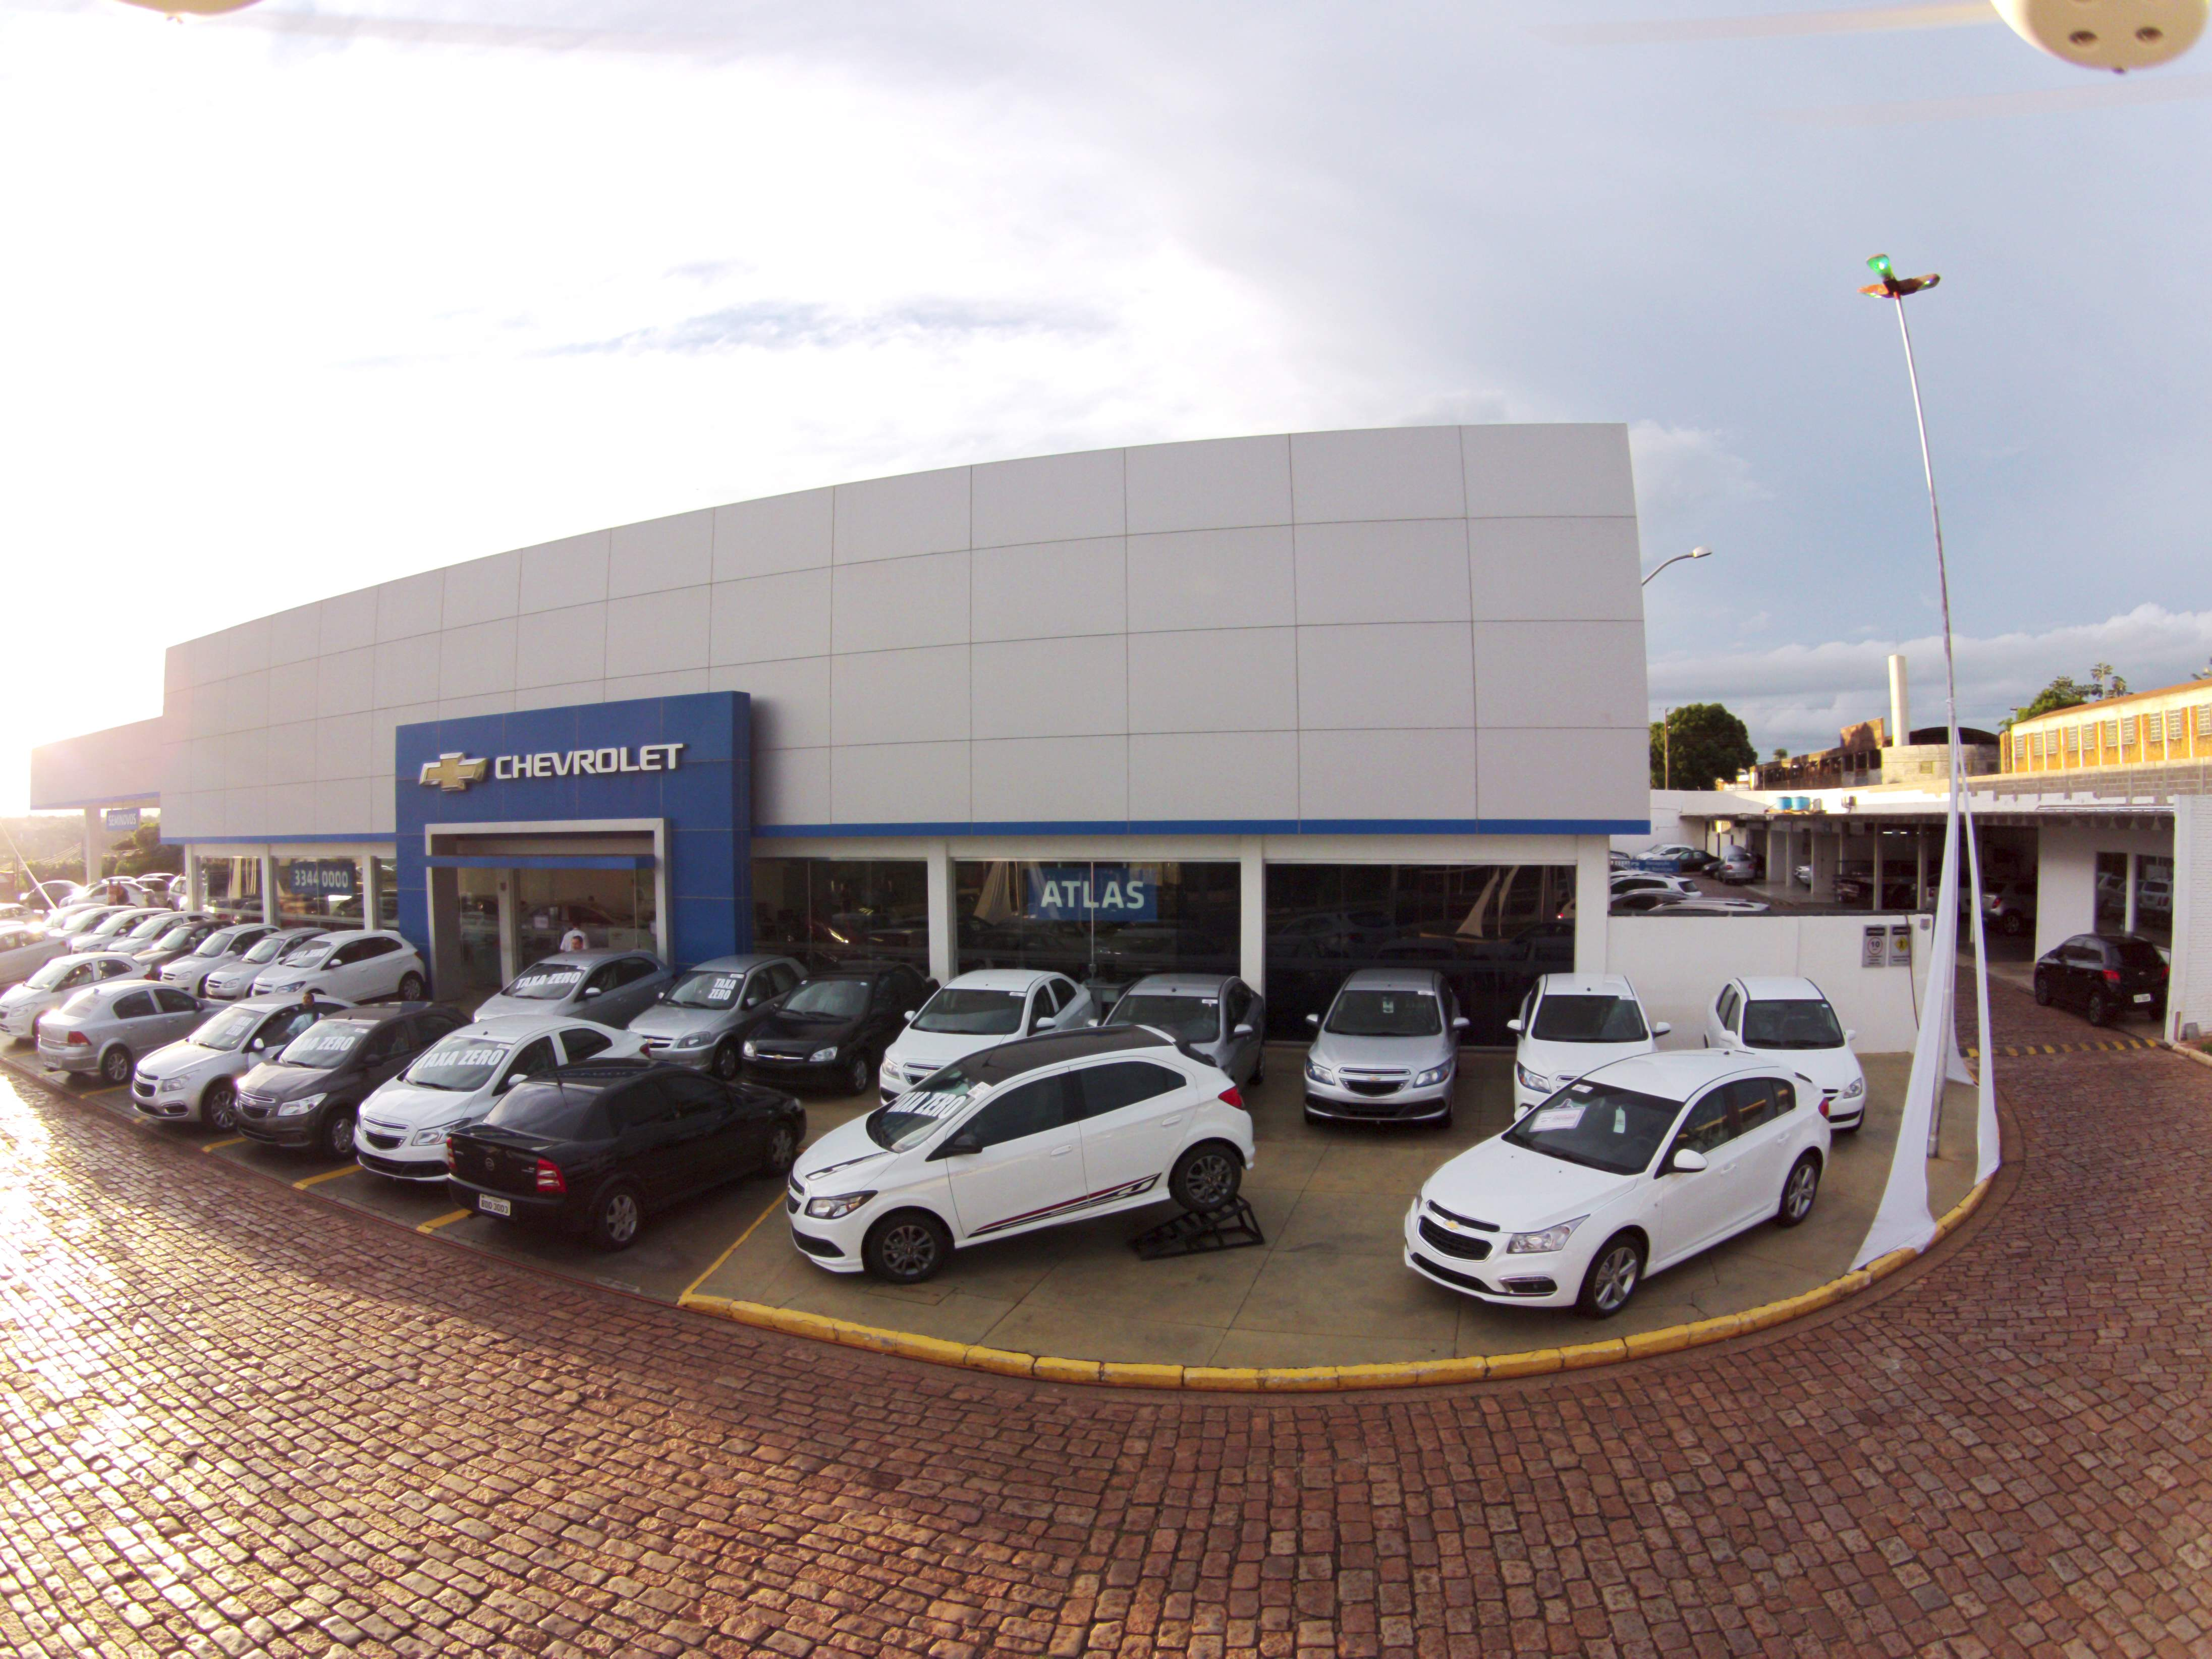 Fachada concessionária Chevrolet Atlas Bebedouro